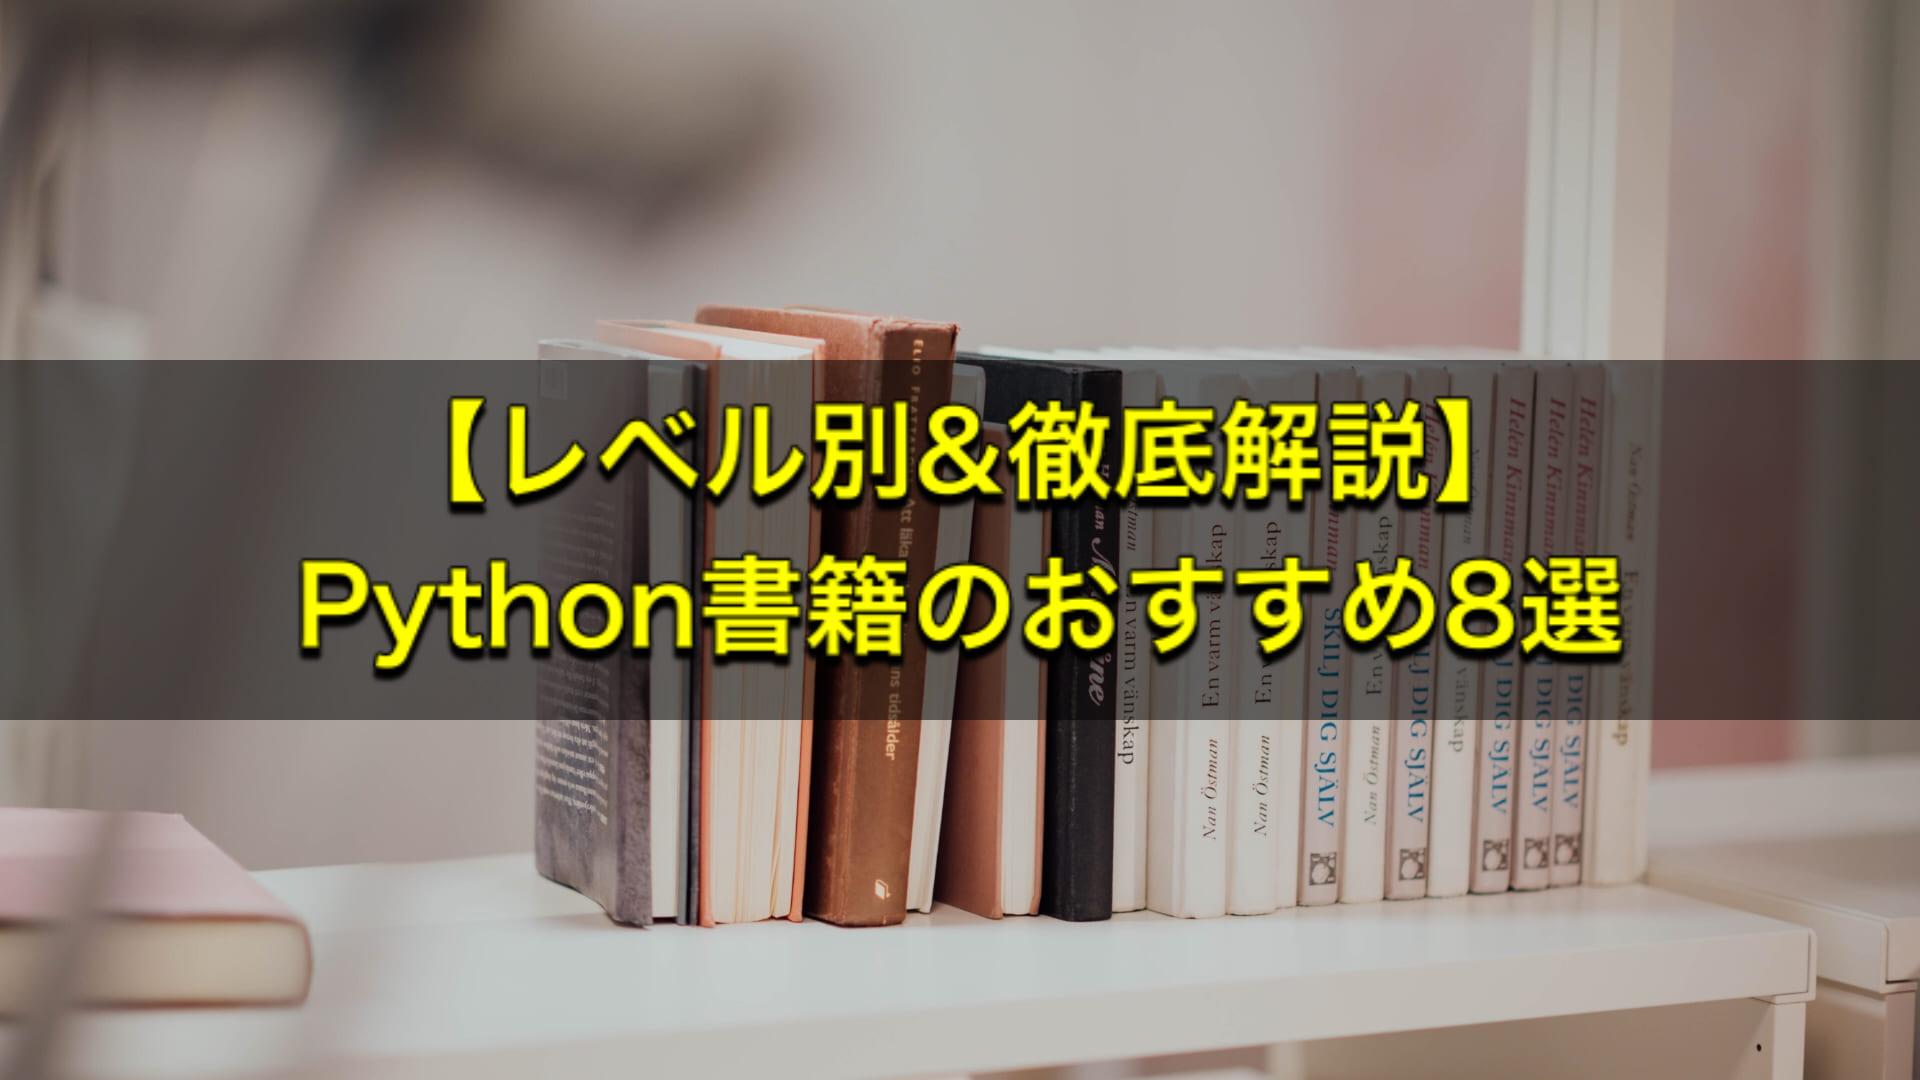 【レベル別&徹底解説】 Python書籍のおすすめ8選